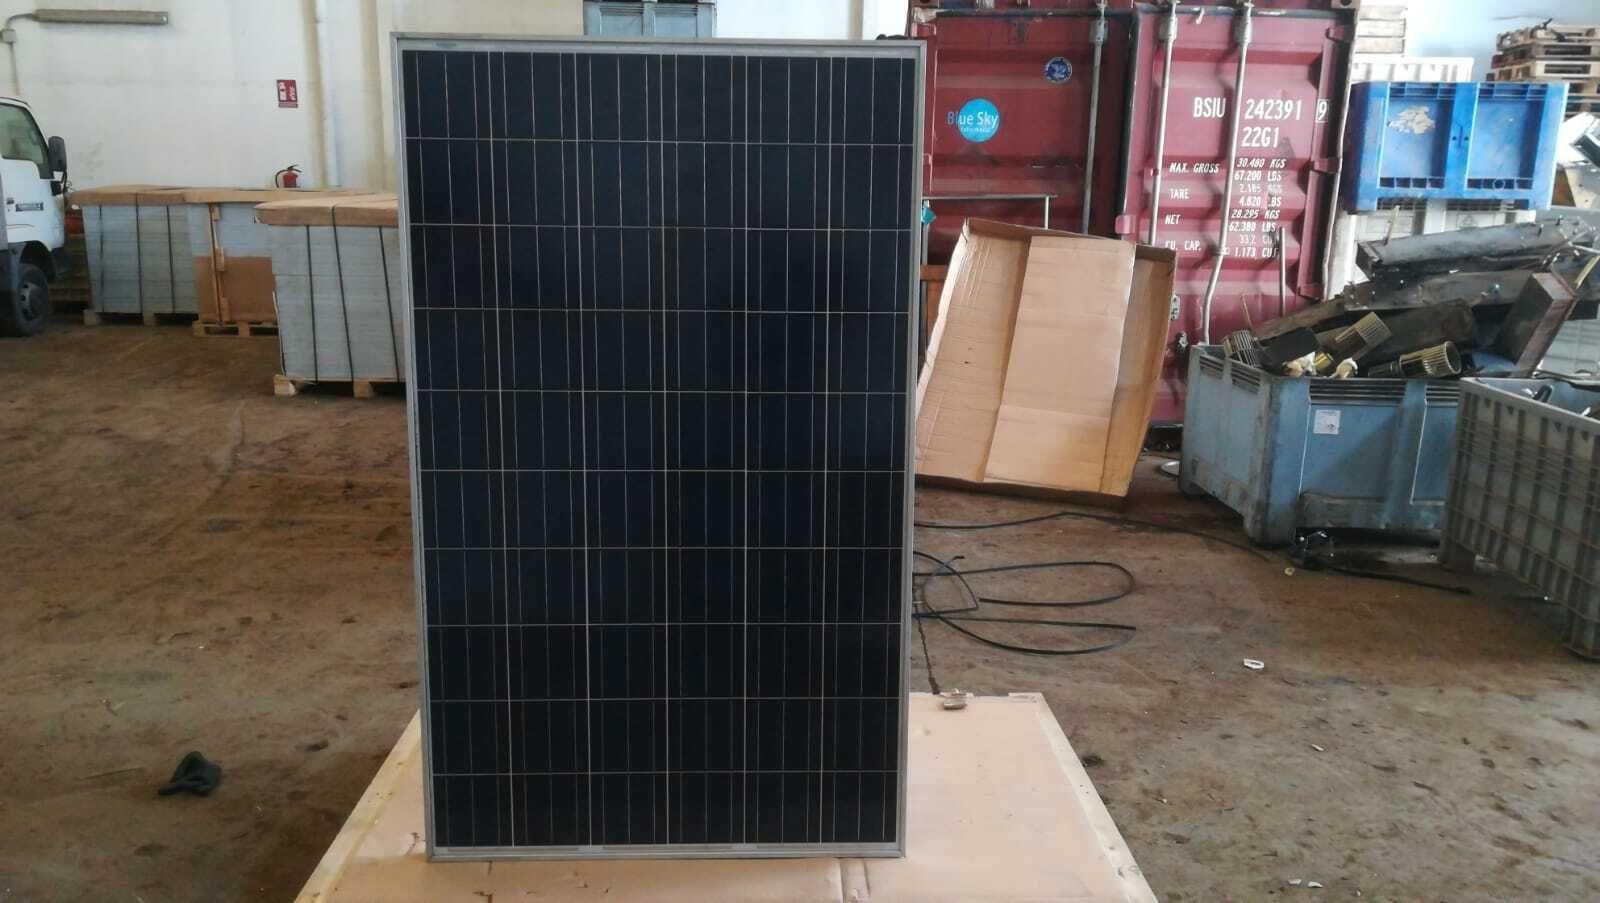 Los mit 10 Fotovoltaikmodulen der Marke Axitec. L7